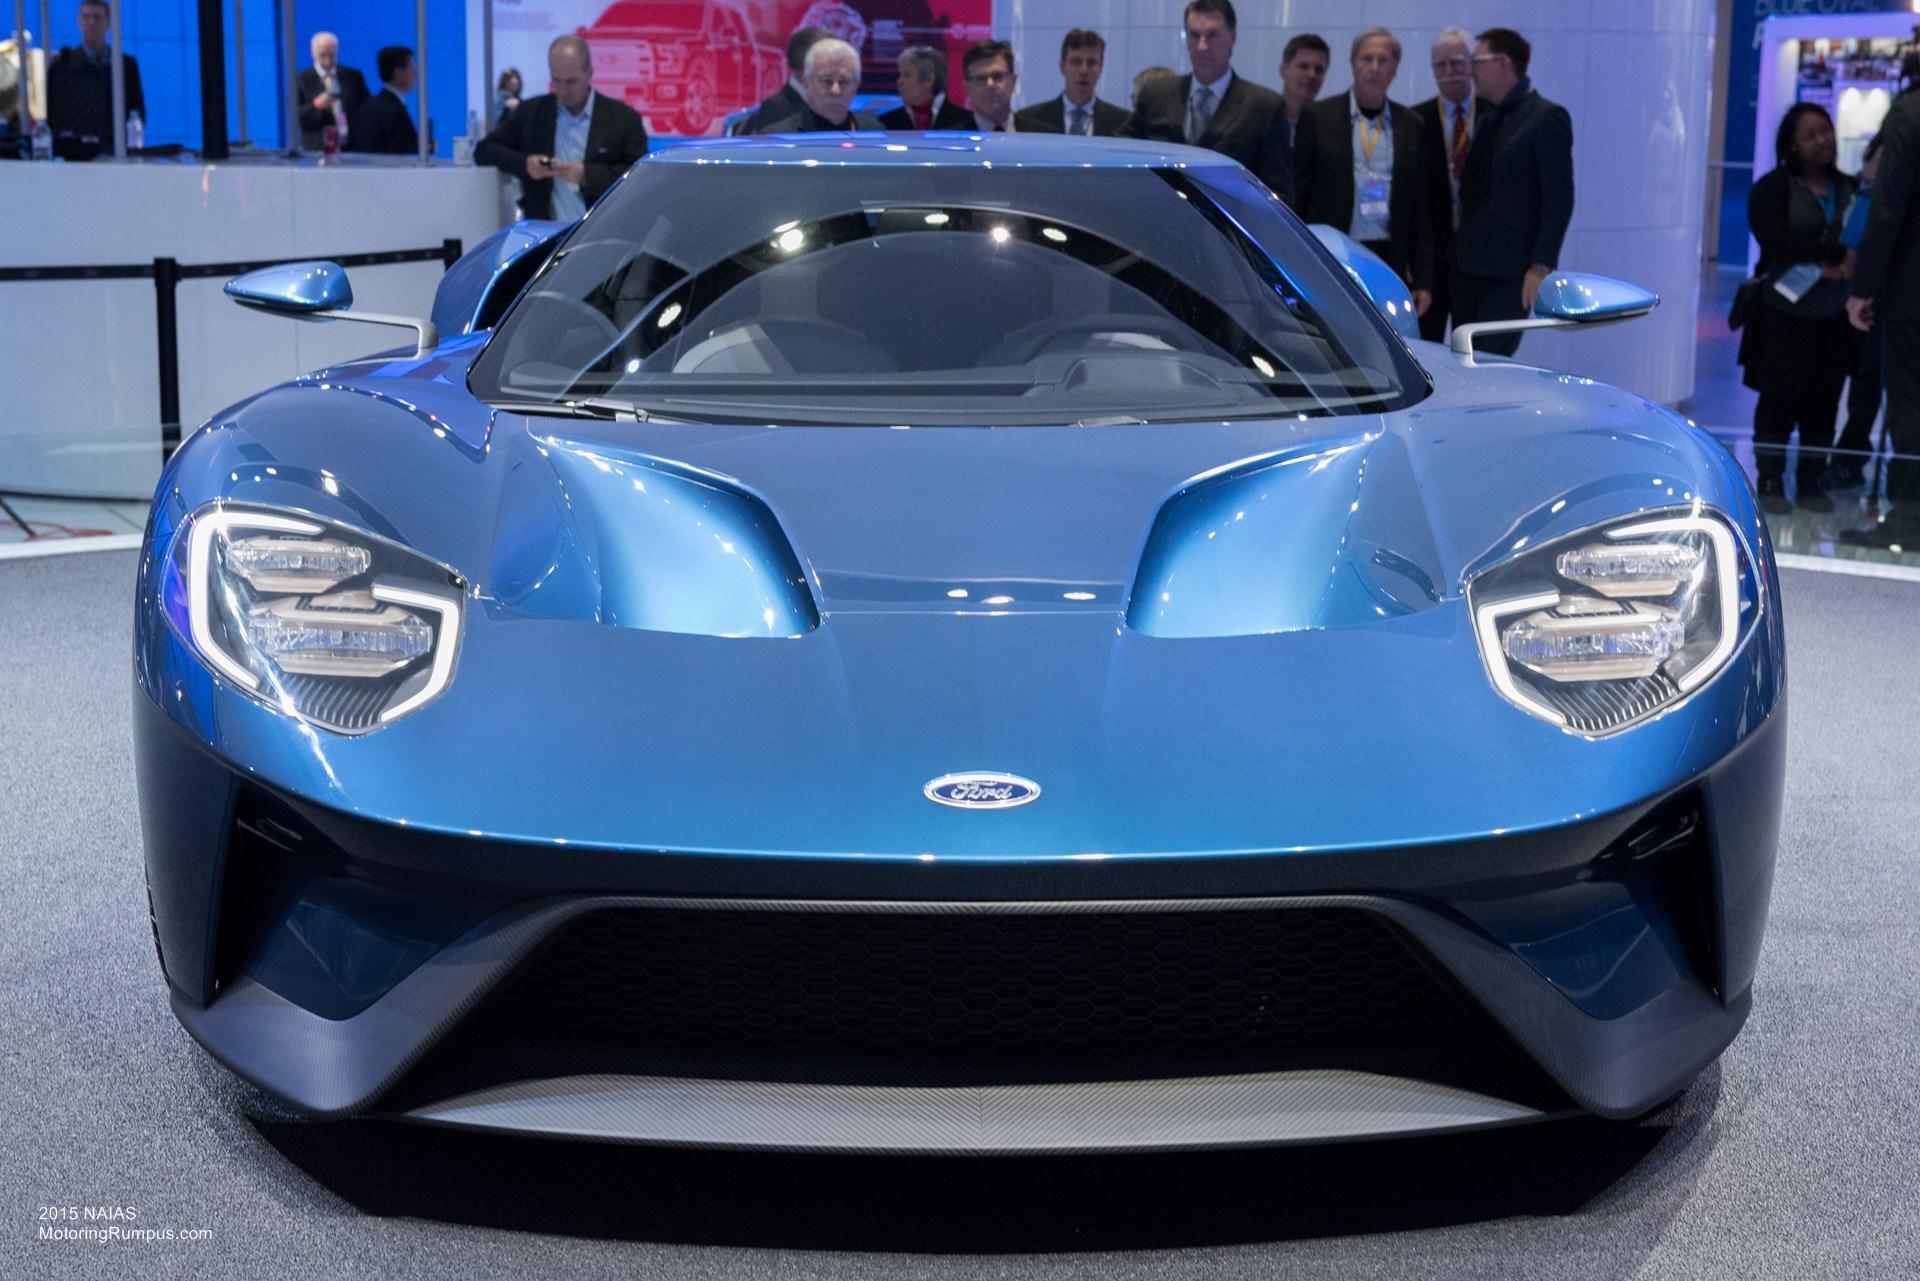 NAIAS 2015: Ford - Motoring Rumpus